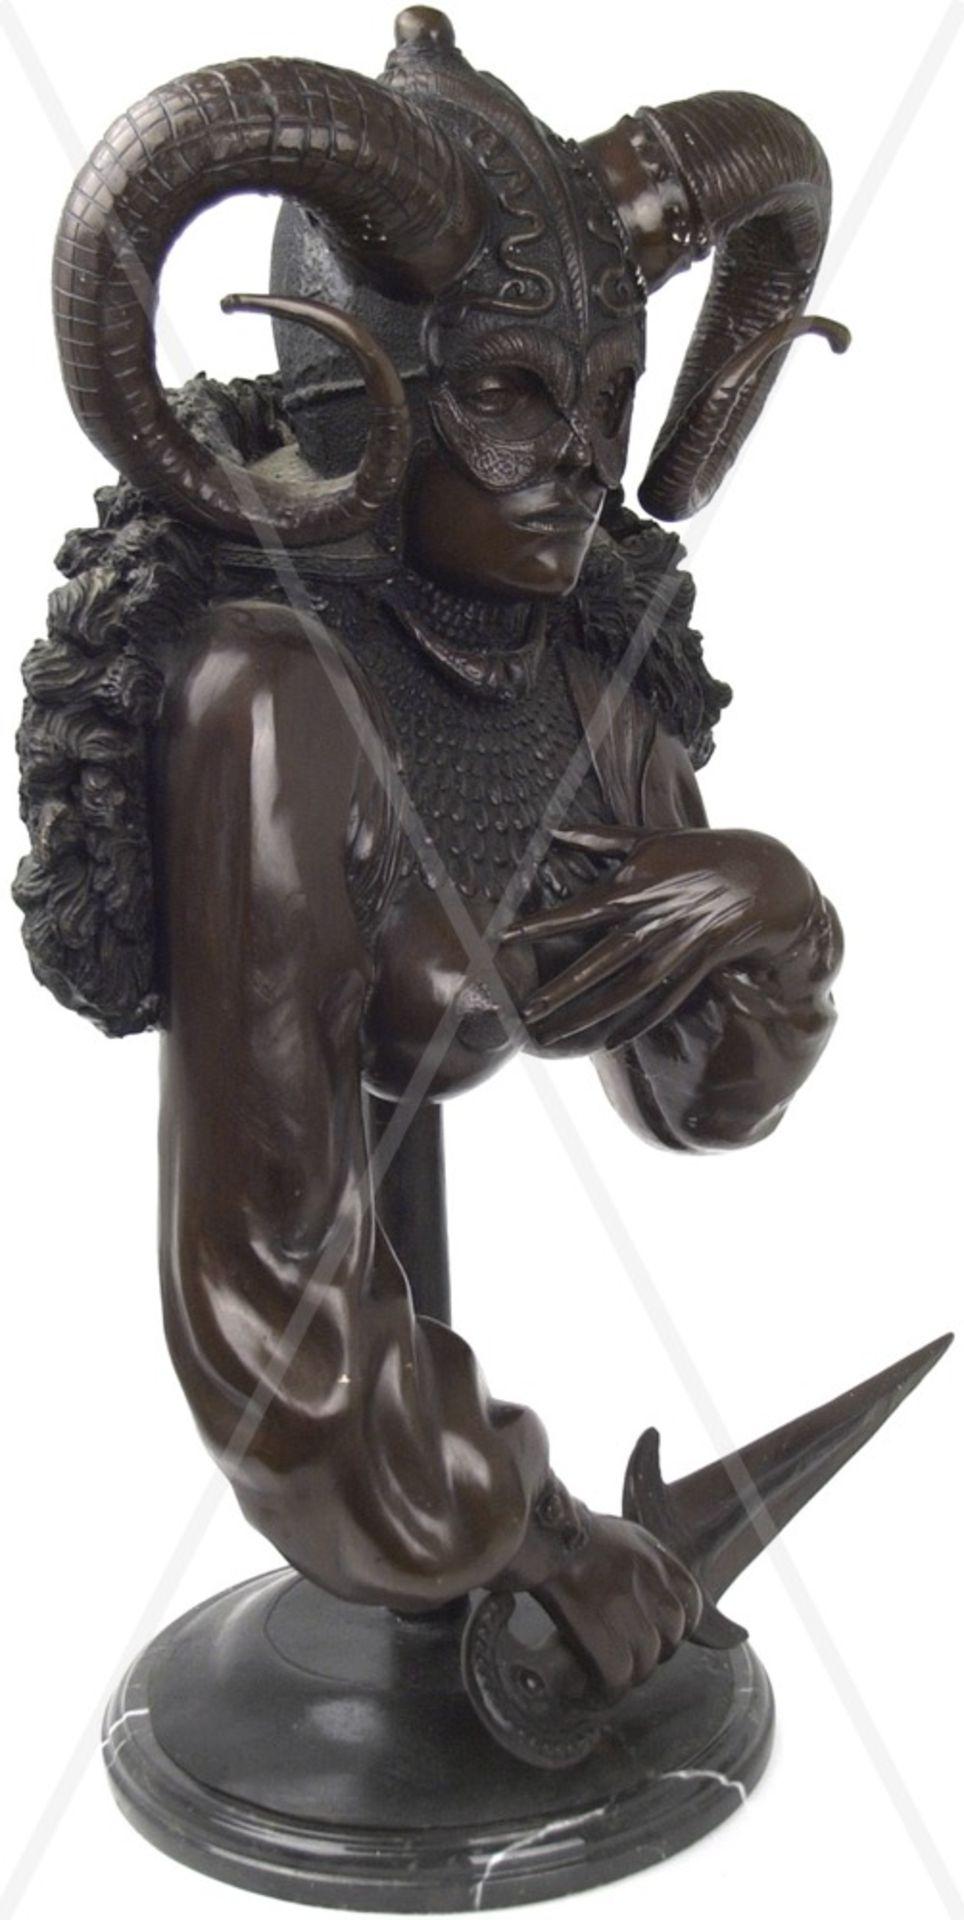 SKULPTUR, Büste einer Fantasy-Kriegerin, Weißmetall bronziert, hohl gearbeitet, junge Frau m. - Bild 4 aus 5